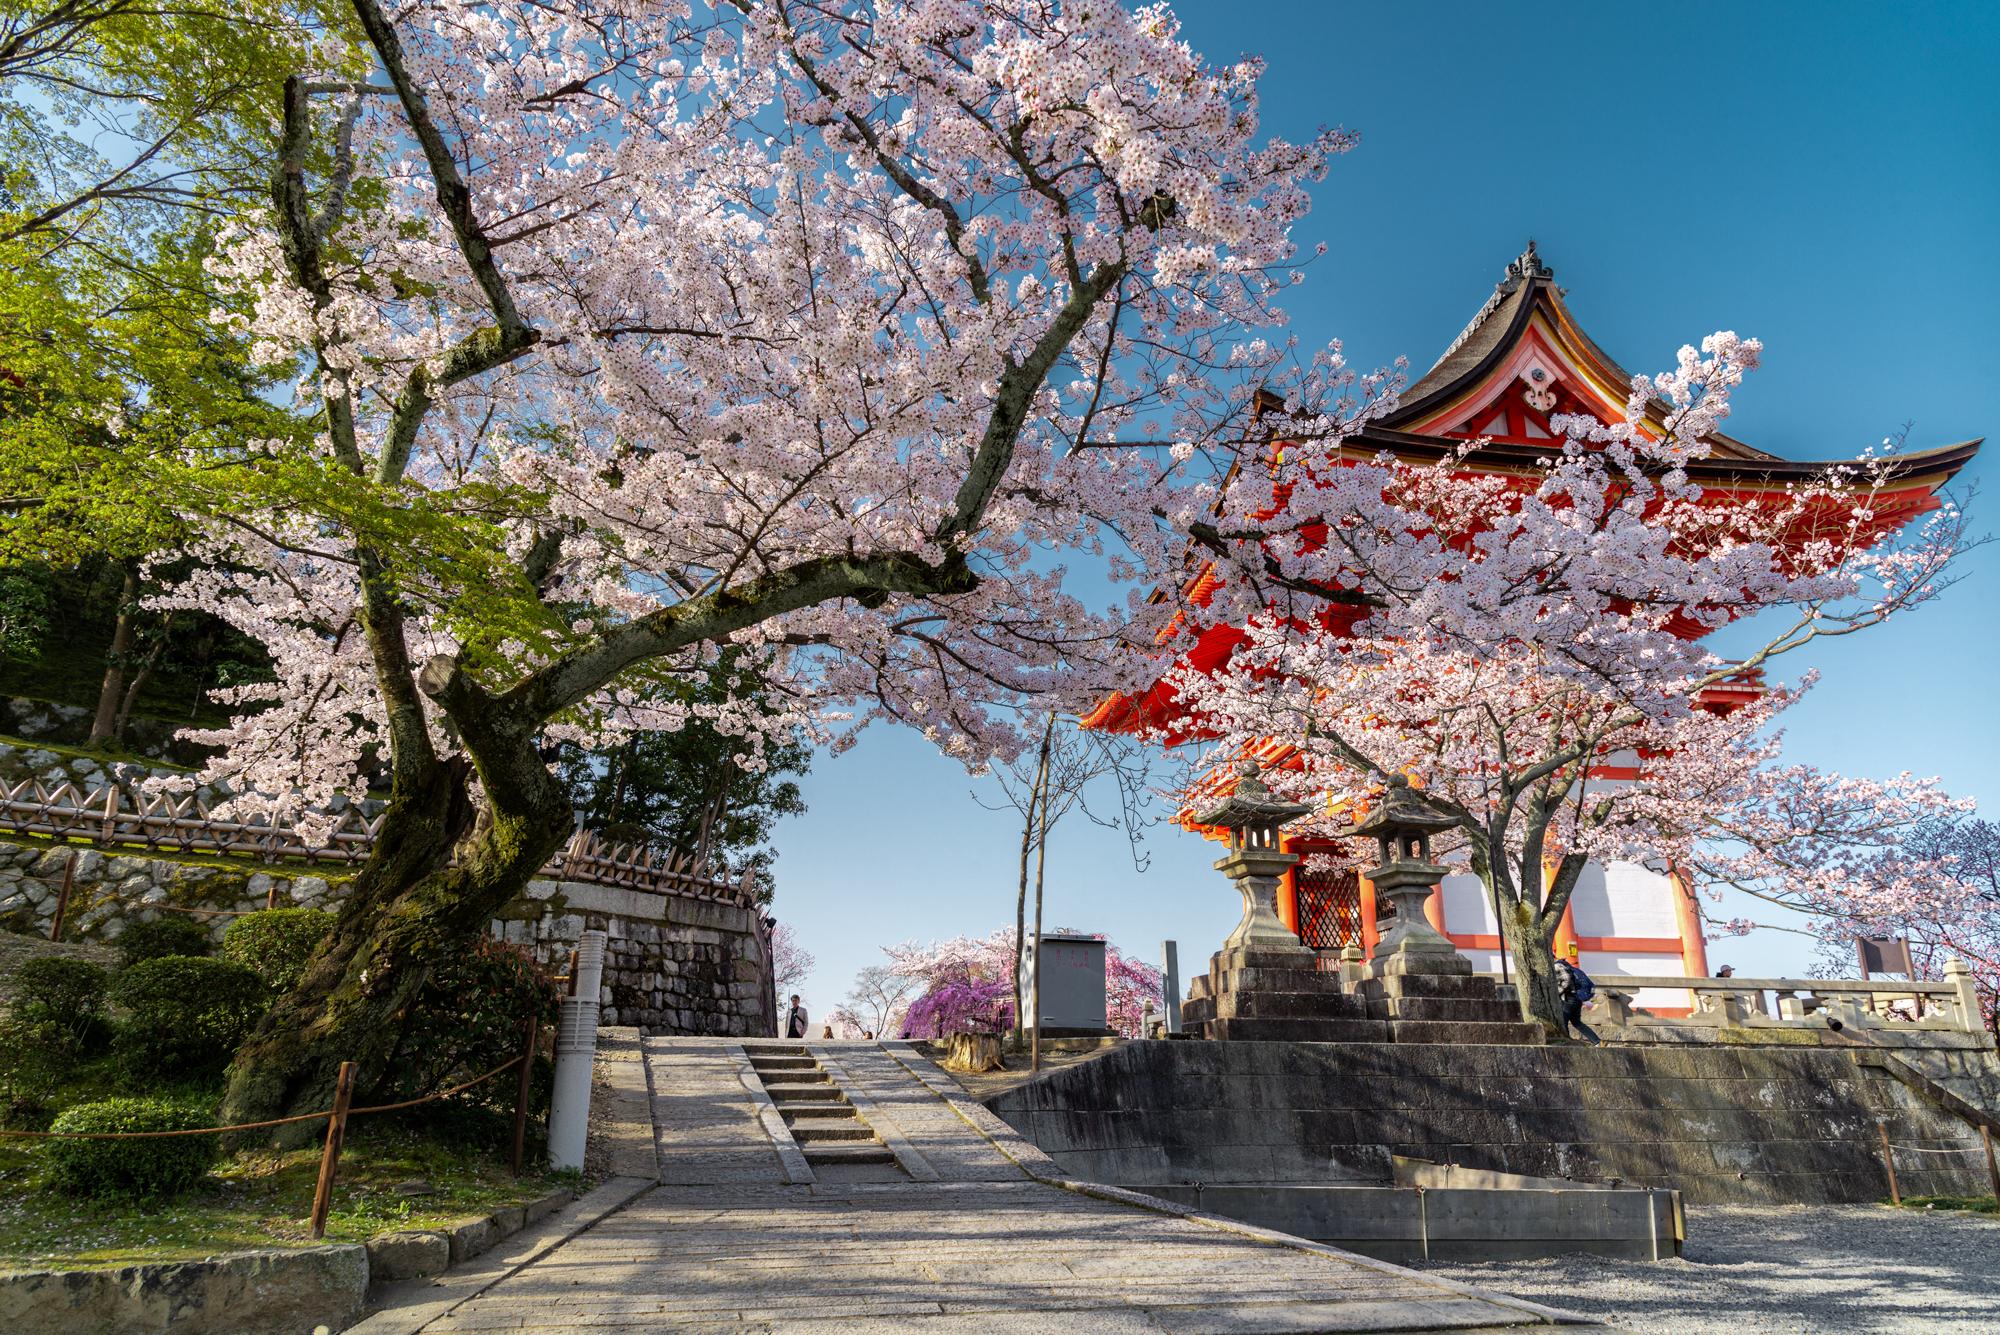 NIKON-CORPORATION_NIKON-D800E_1585462386-1585558165_13943 京都府 清水寺(2020年 清水寺の桜景色と春におすすめの写真スポット. 見どころやライトアップ、アクセス、工事状況、桜の見頃情報まとめ)